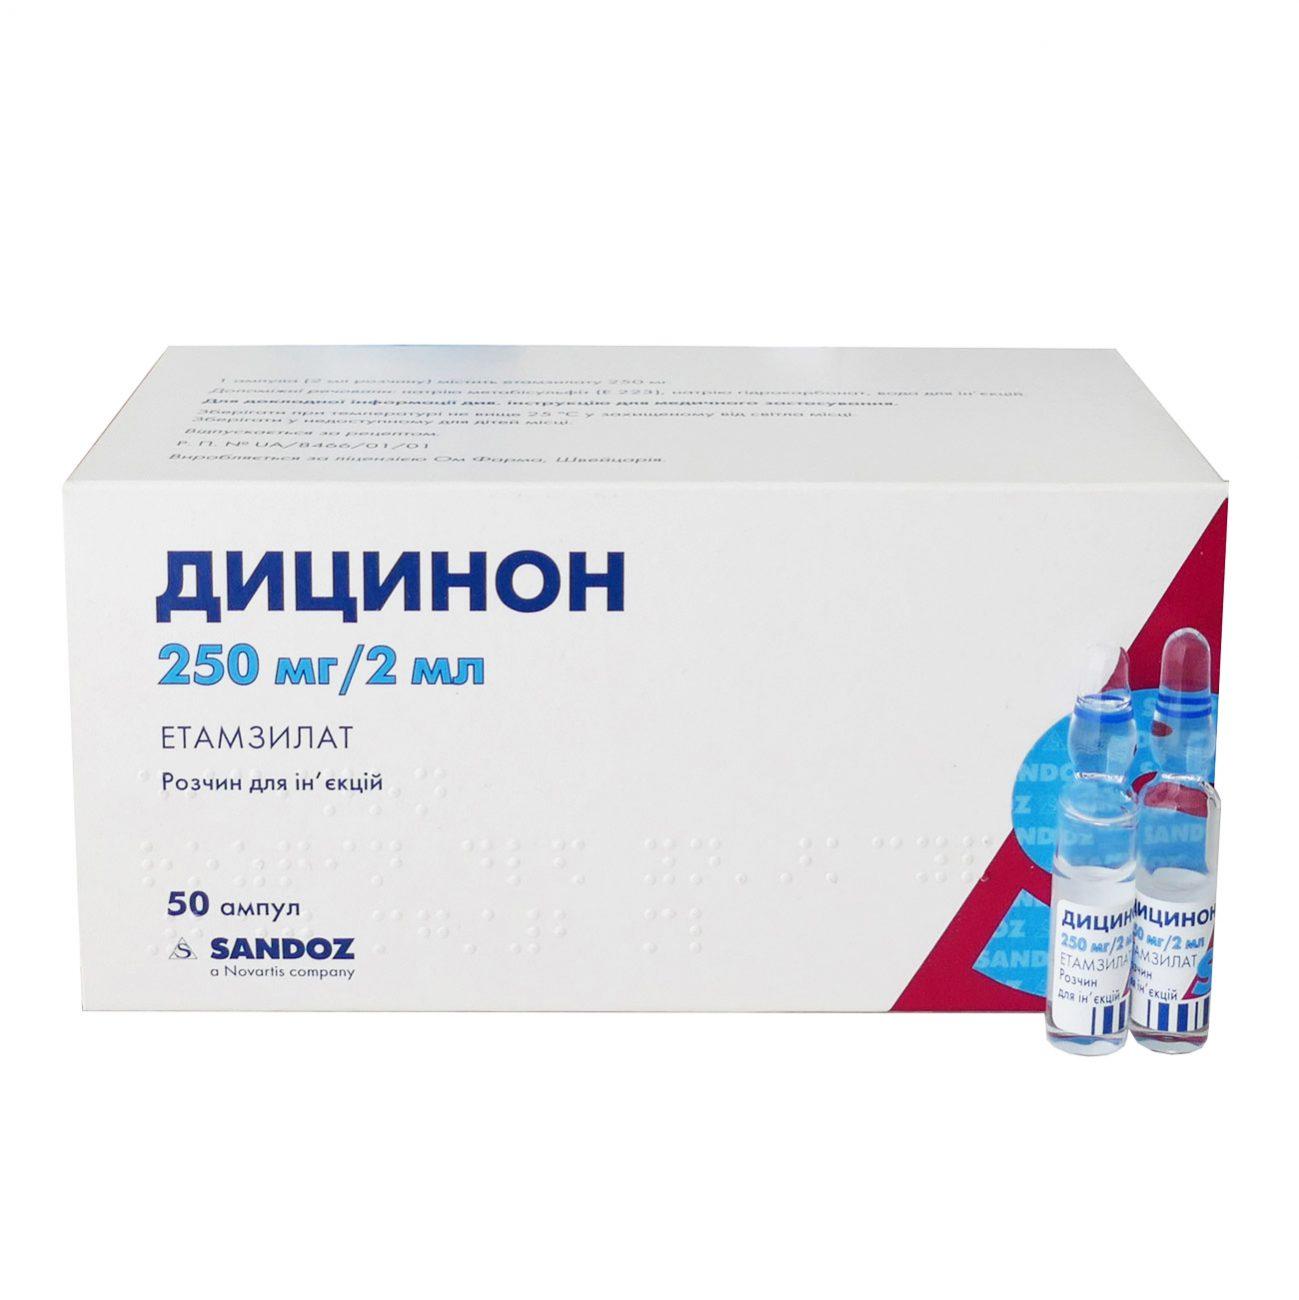 Викасол форма выпуска таблетки. от чего помогают таблетки «викасол»